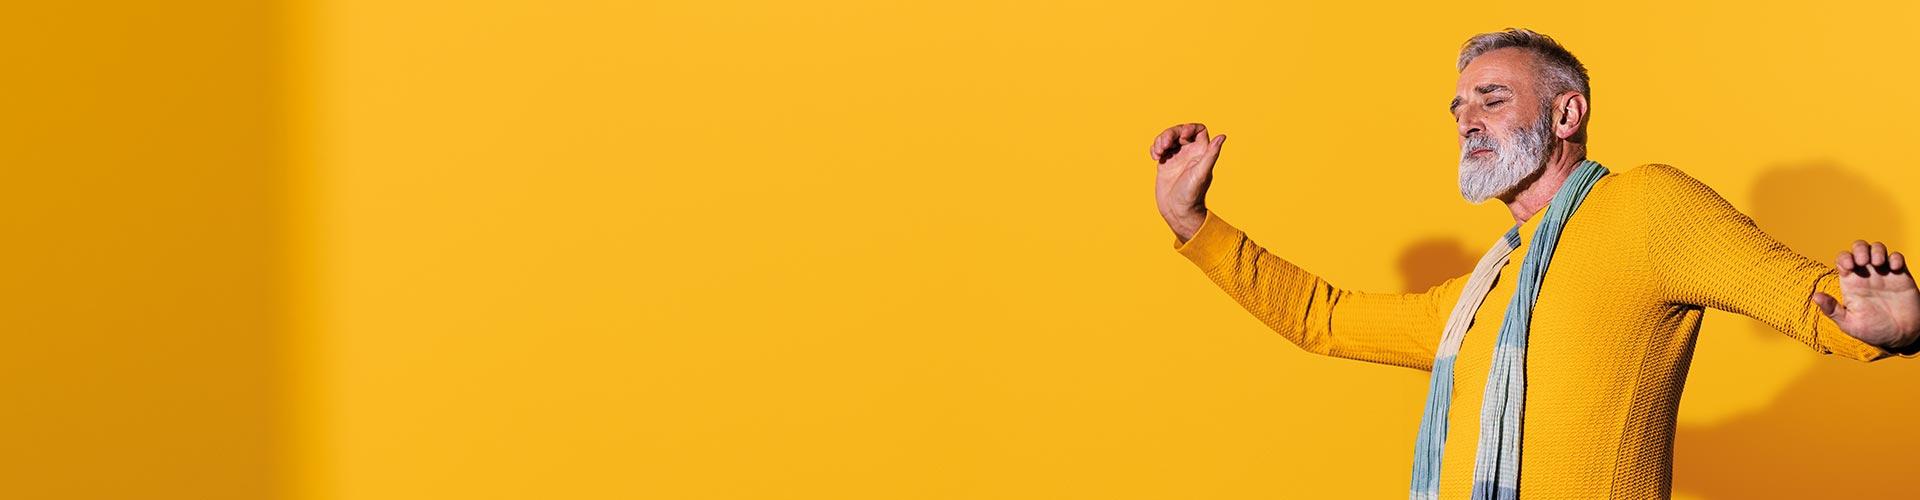 Un homme d'âge moyen qui porte des aides auditives Philips HearLink en train de danser d'un air confiant.